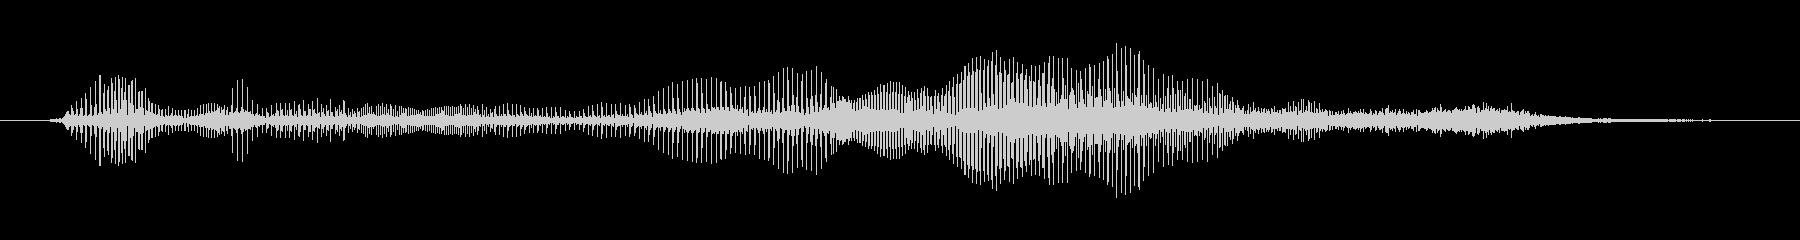 鳴き声 男性のうなり声ウェイク03の未再生の波形